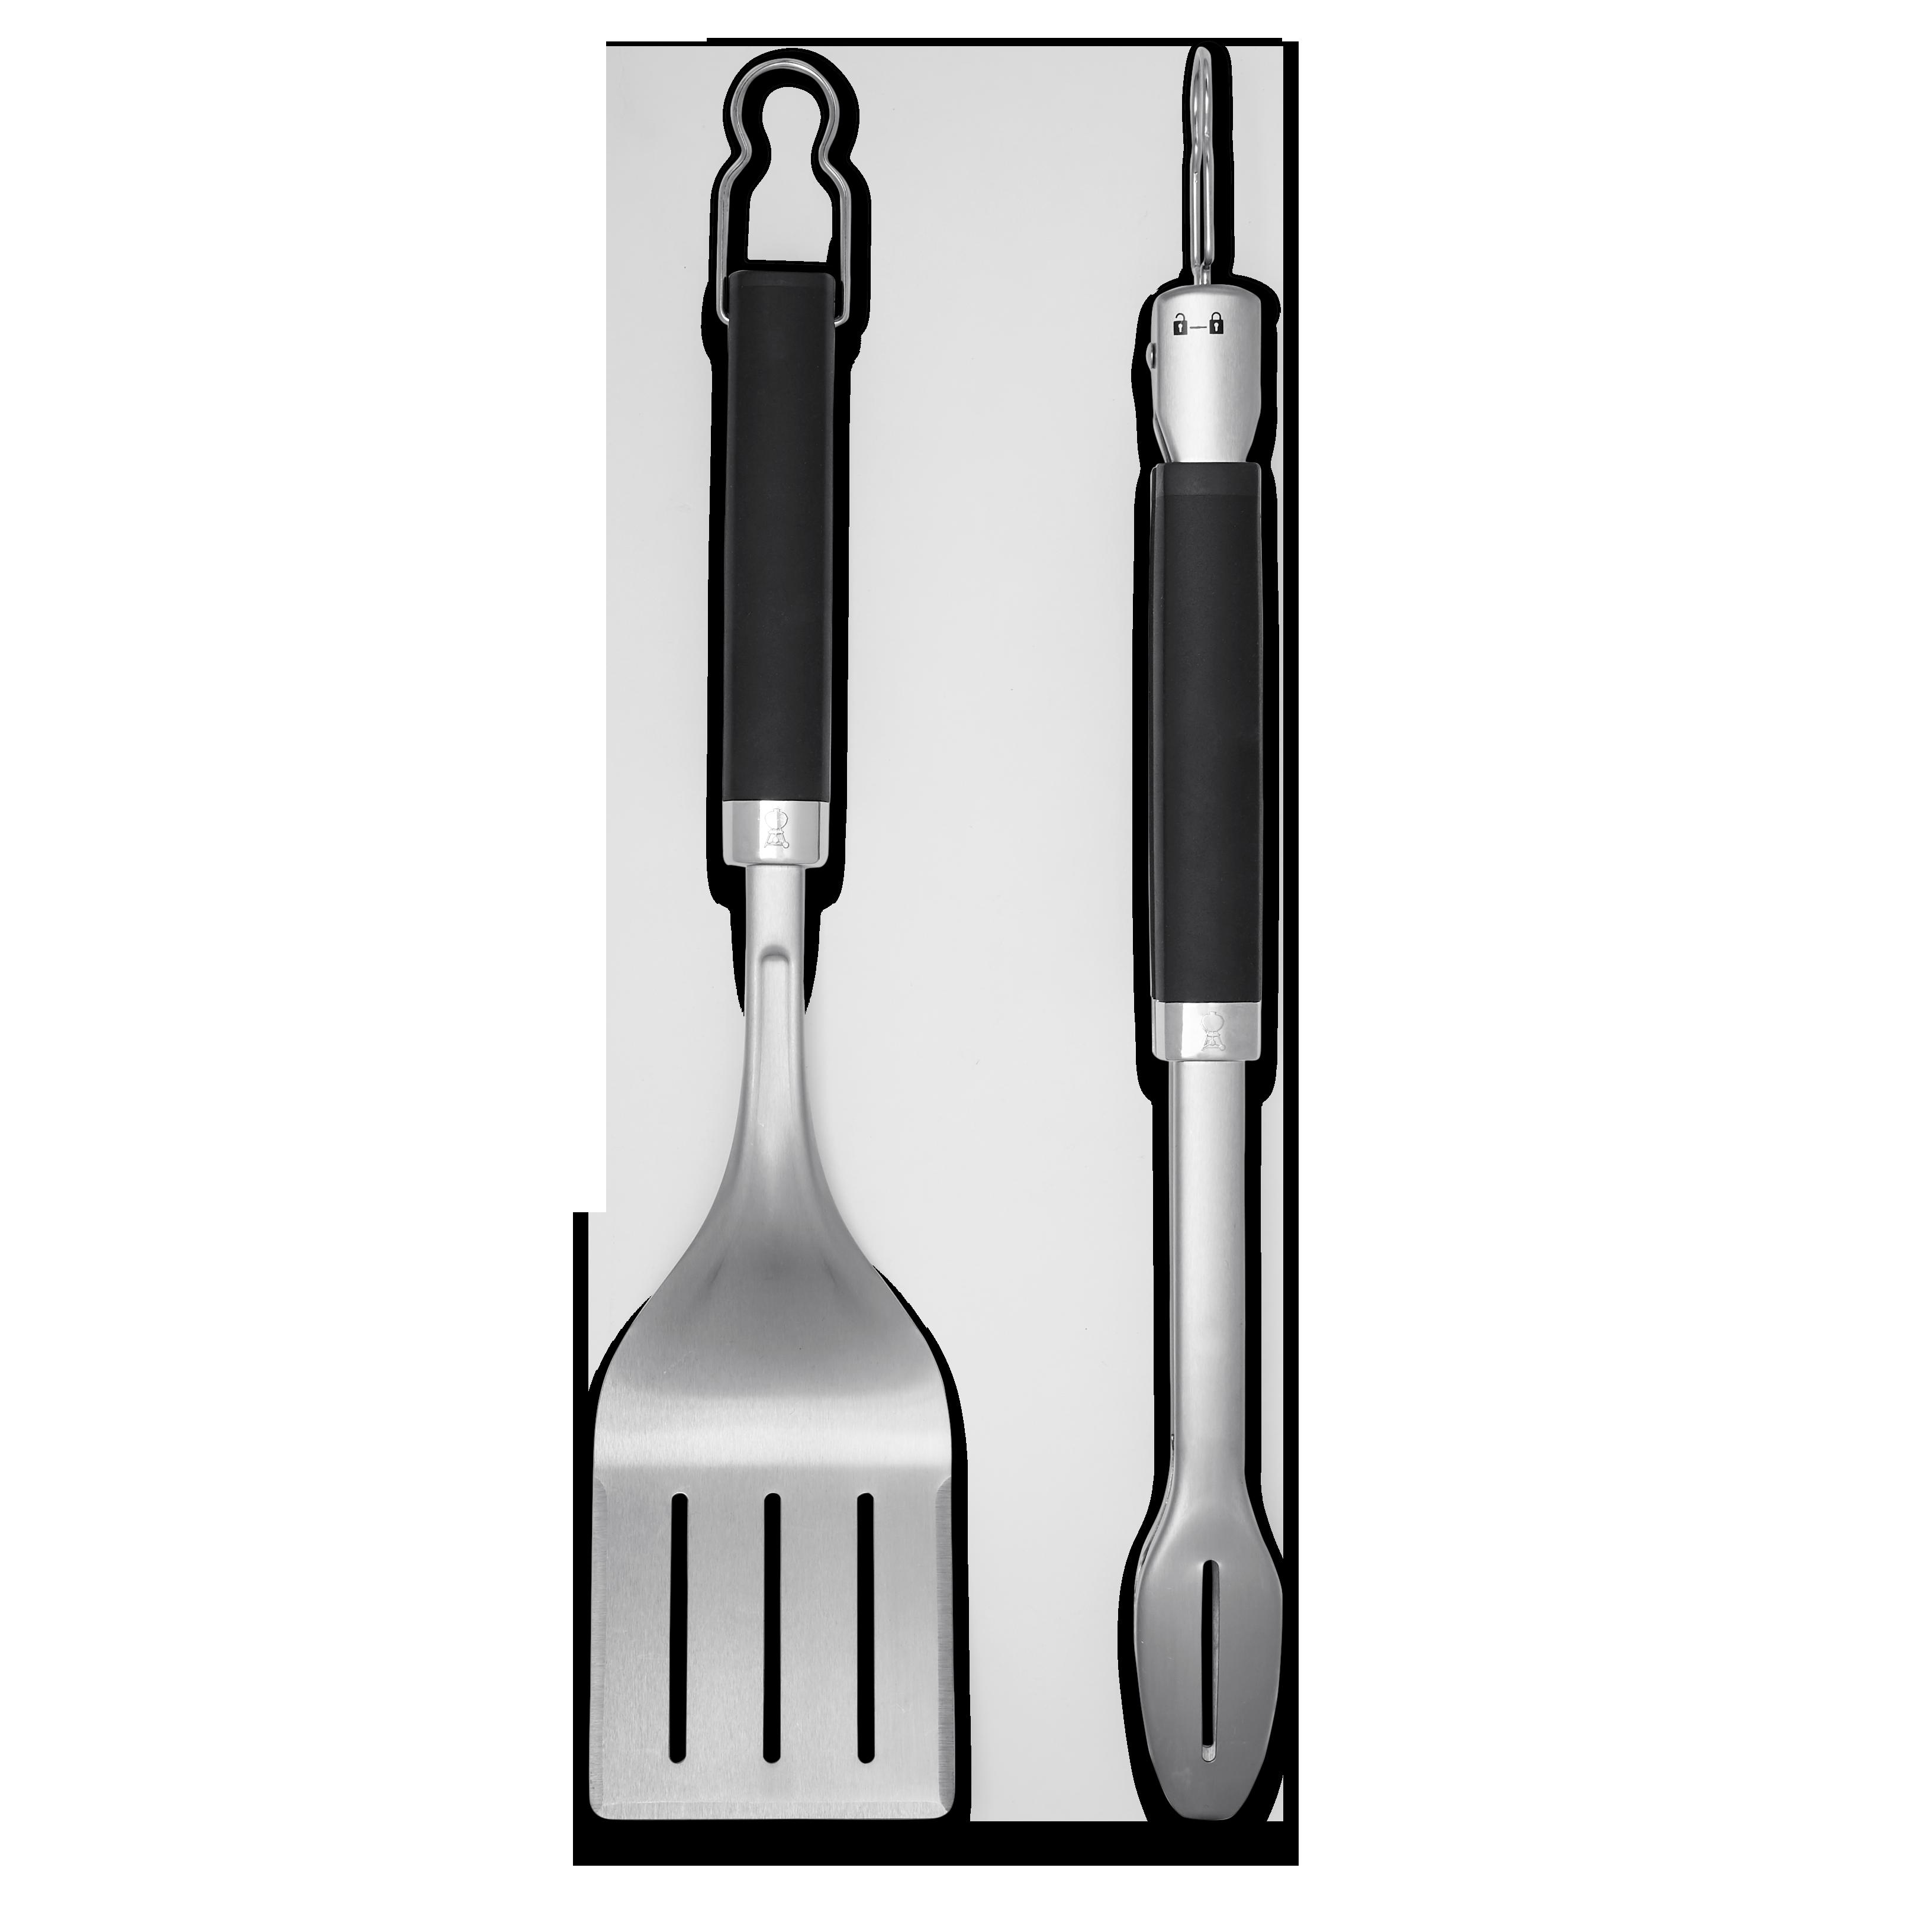 Weber Precision Grillbesteck-Set, 2-teilig